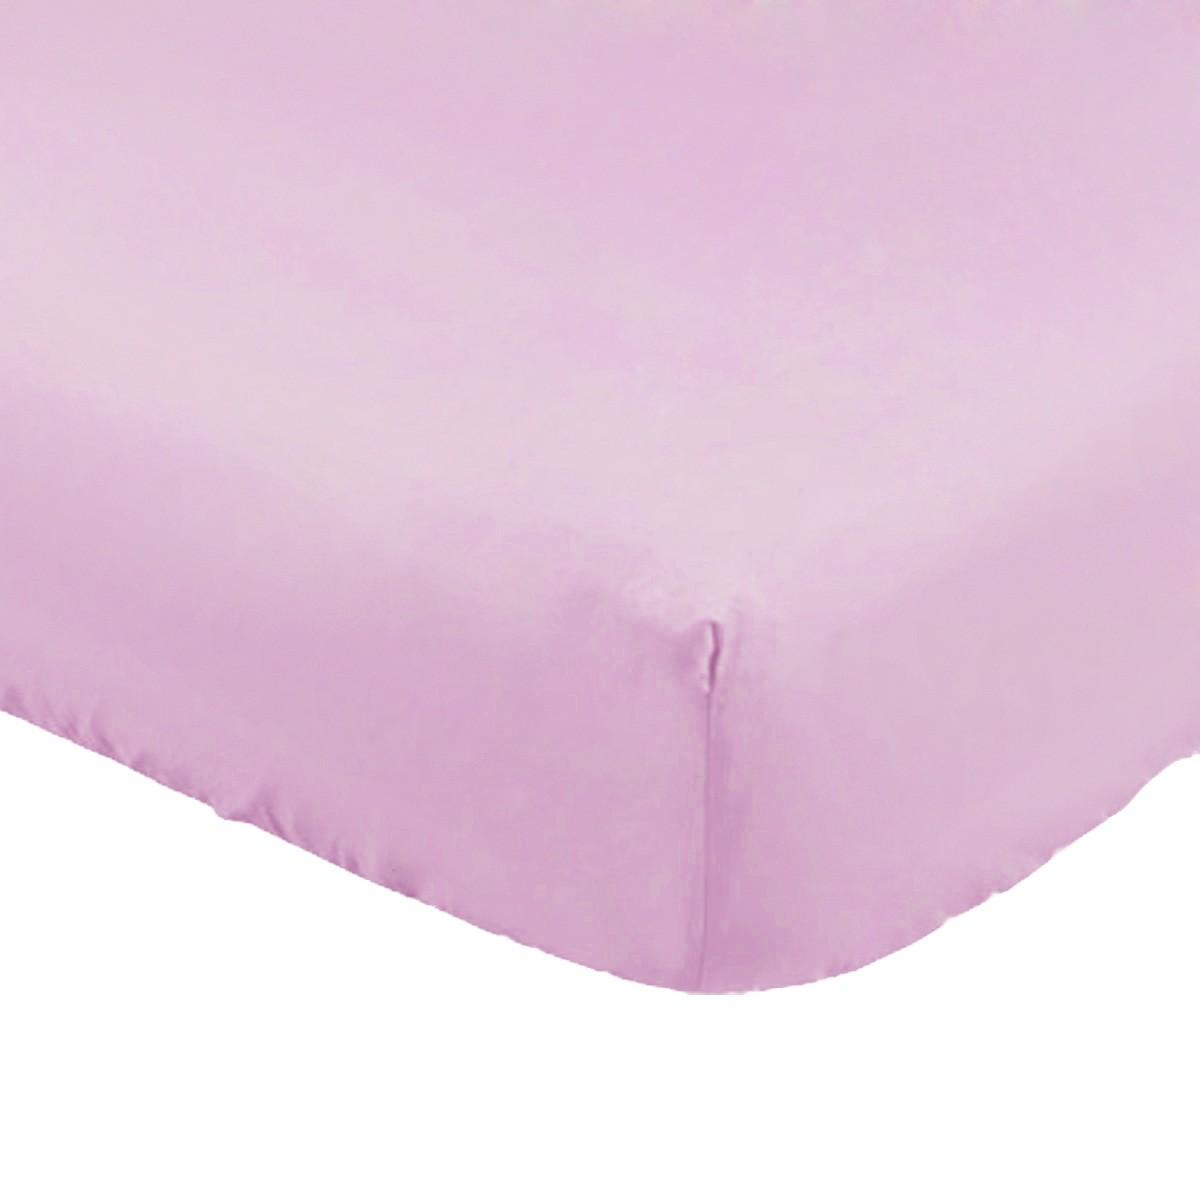 Lençol de Baixo Mini Berço c/ Elástico - Rosa